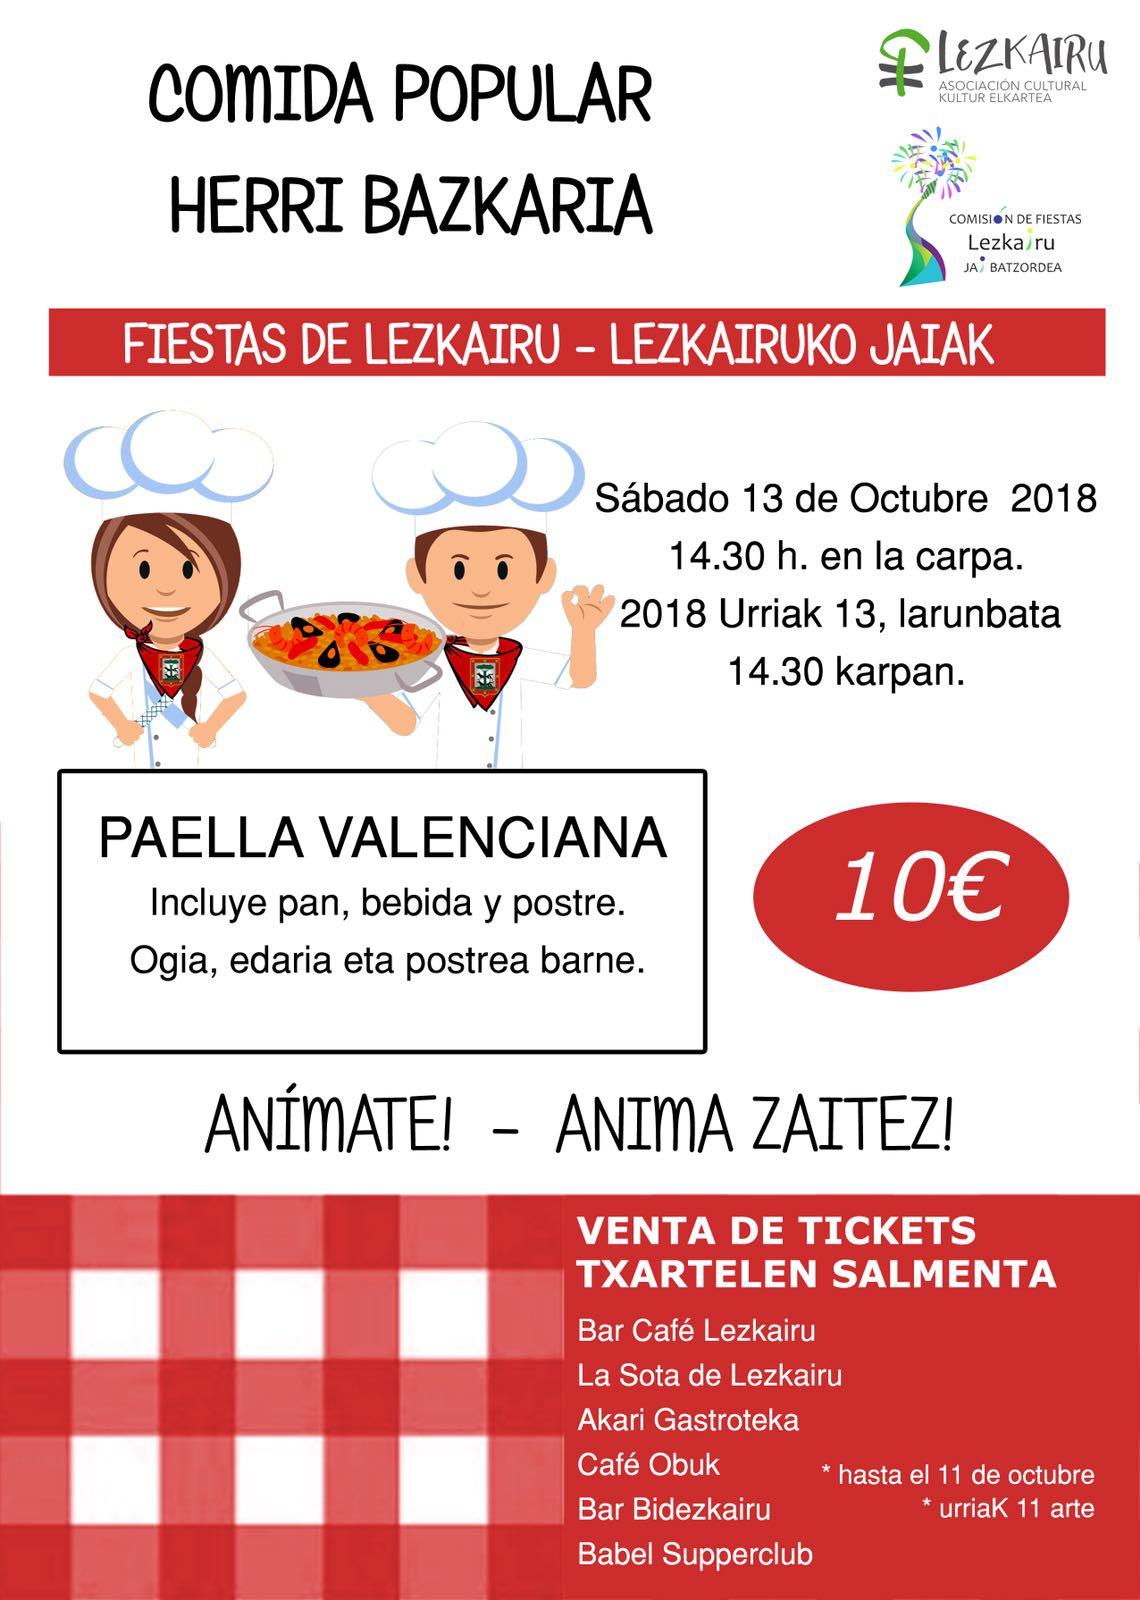 Fiestas Lezkairu 2018: comida popular